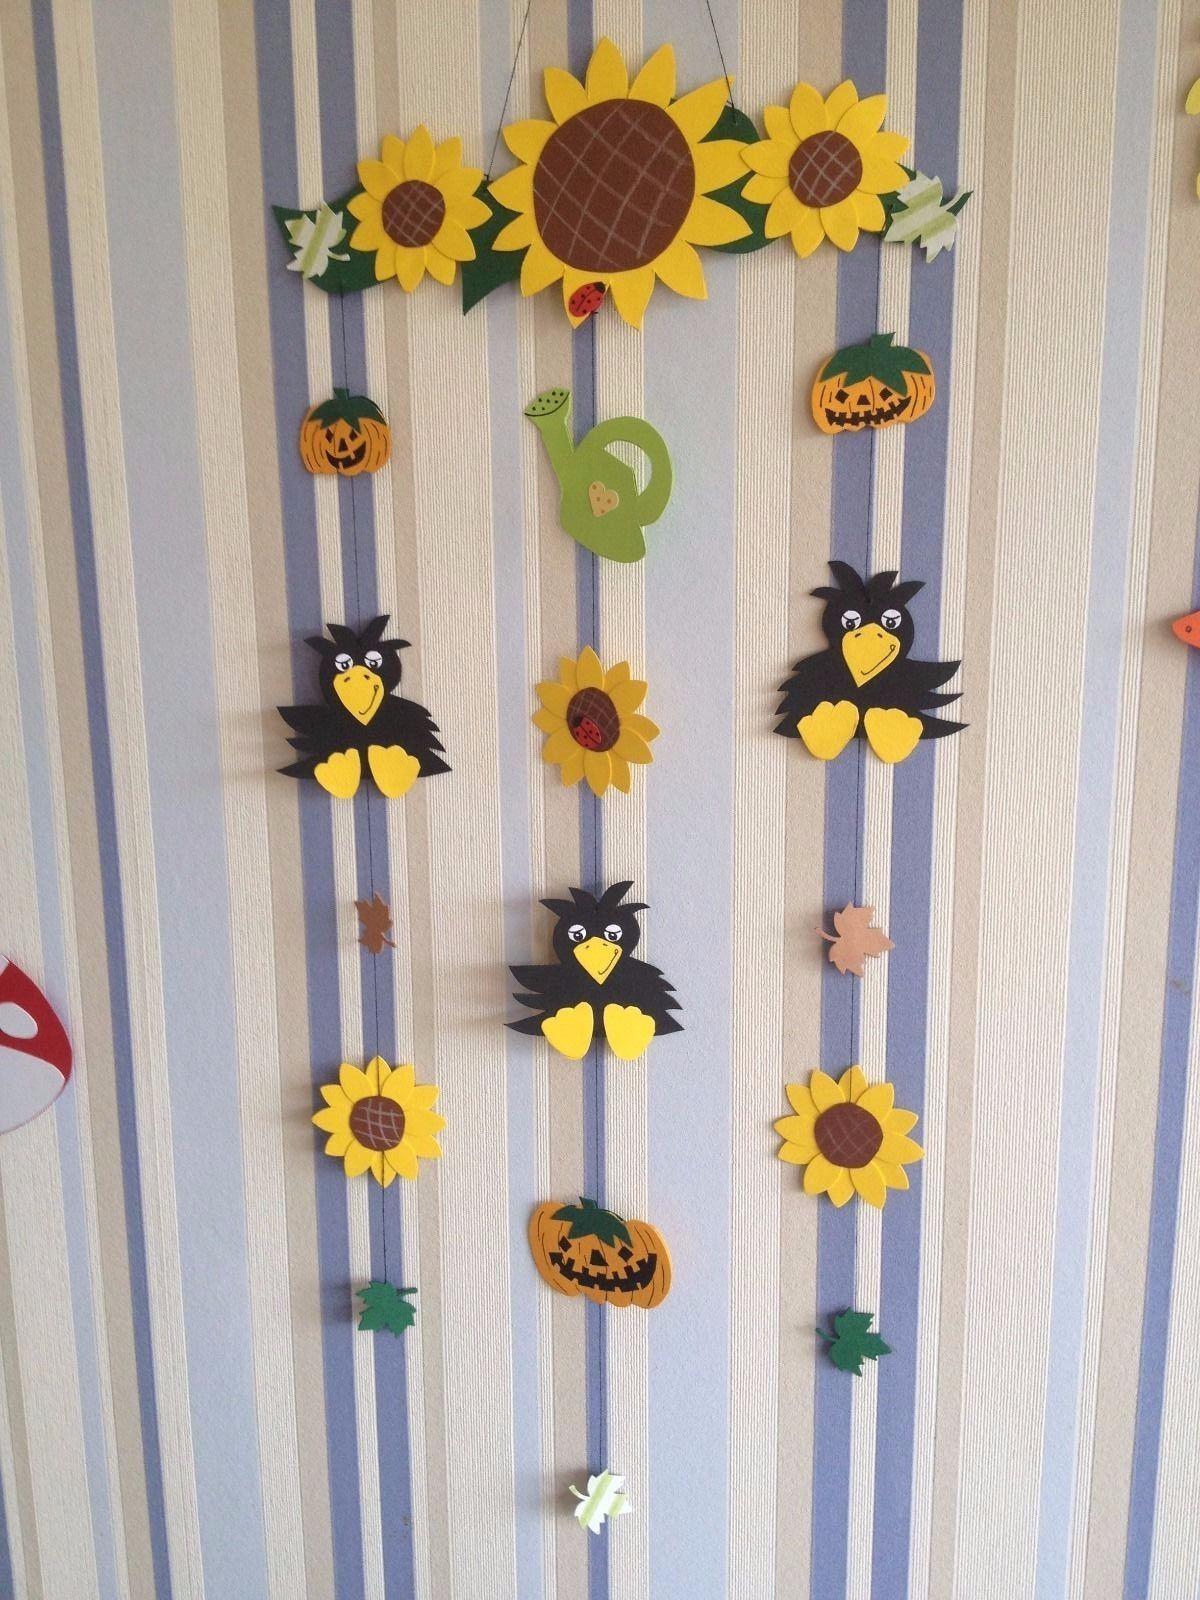 Fensterbild aus Tonkarton Herbst Mobile Kürbis Sonnenblumen Raben Kürbisse Rabe • EUR 8,50